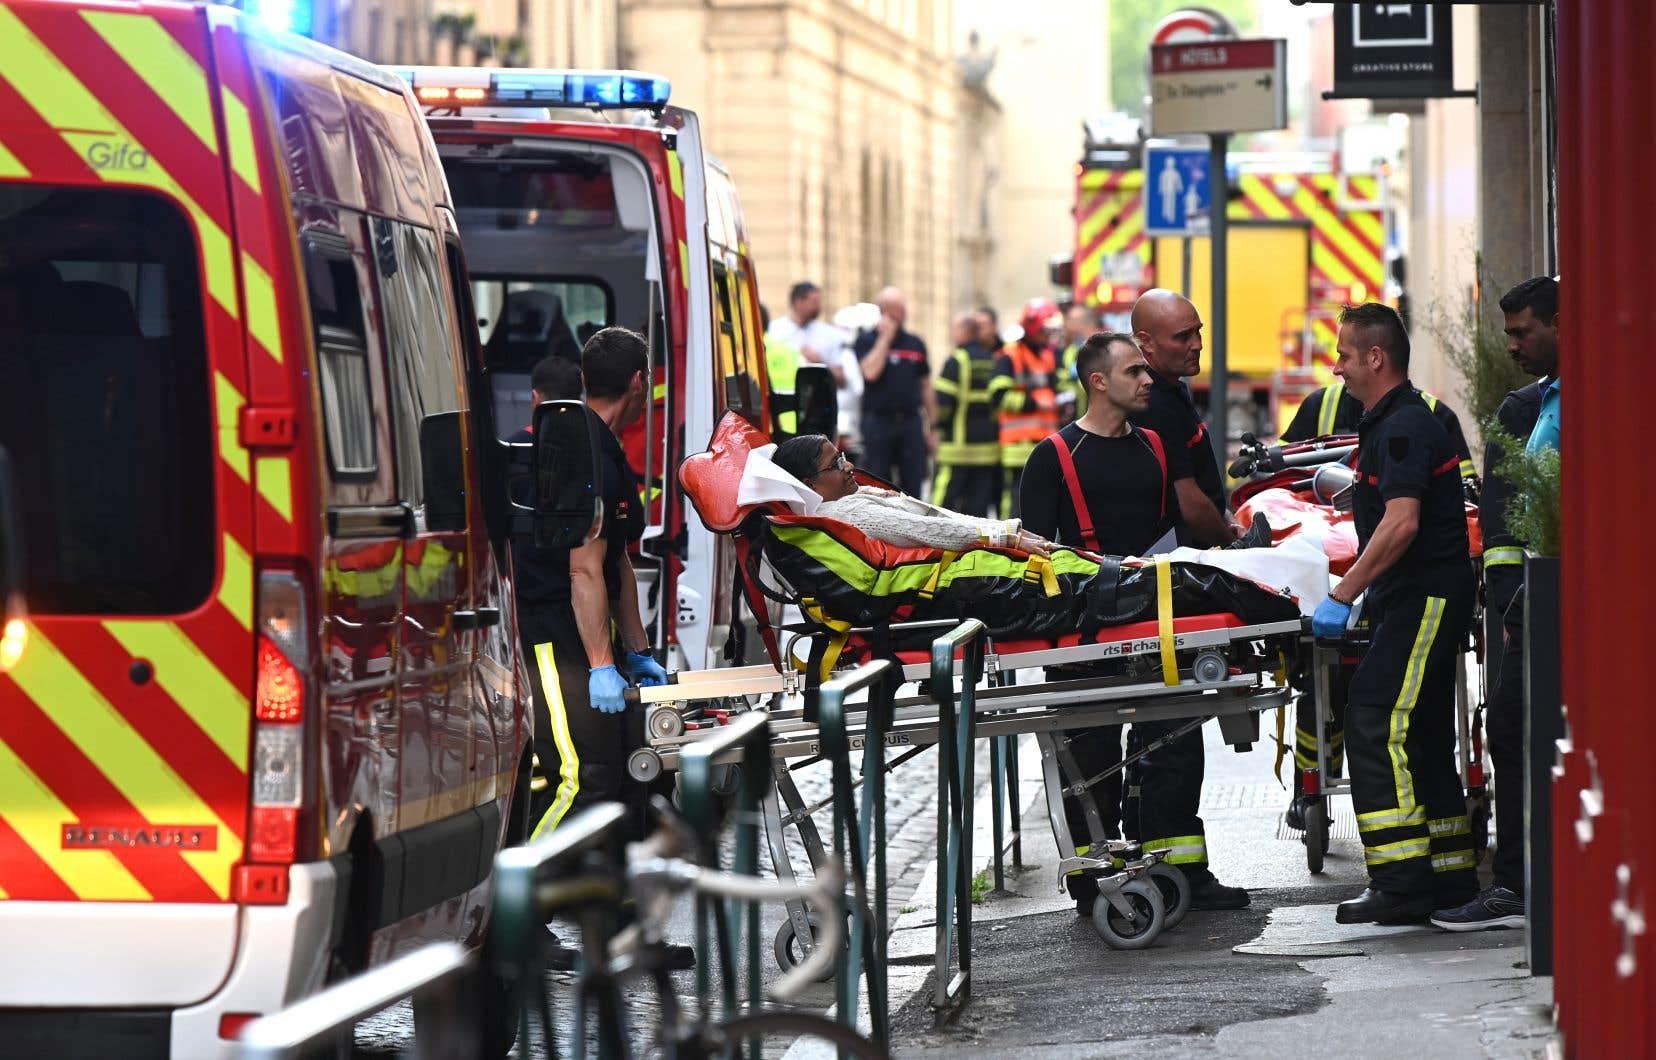 Des secouristes transportent en lieu sûr une des personnes blessées par l'explosion de ce qui semble être un colis piégé dans une rue piétonnière de Lyon.